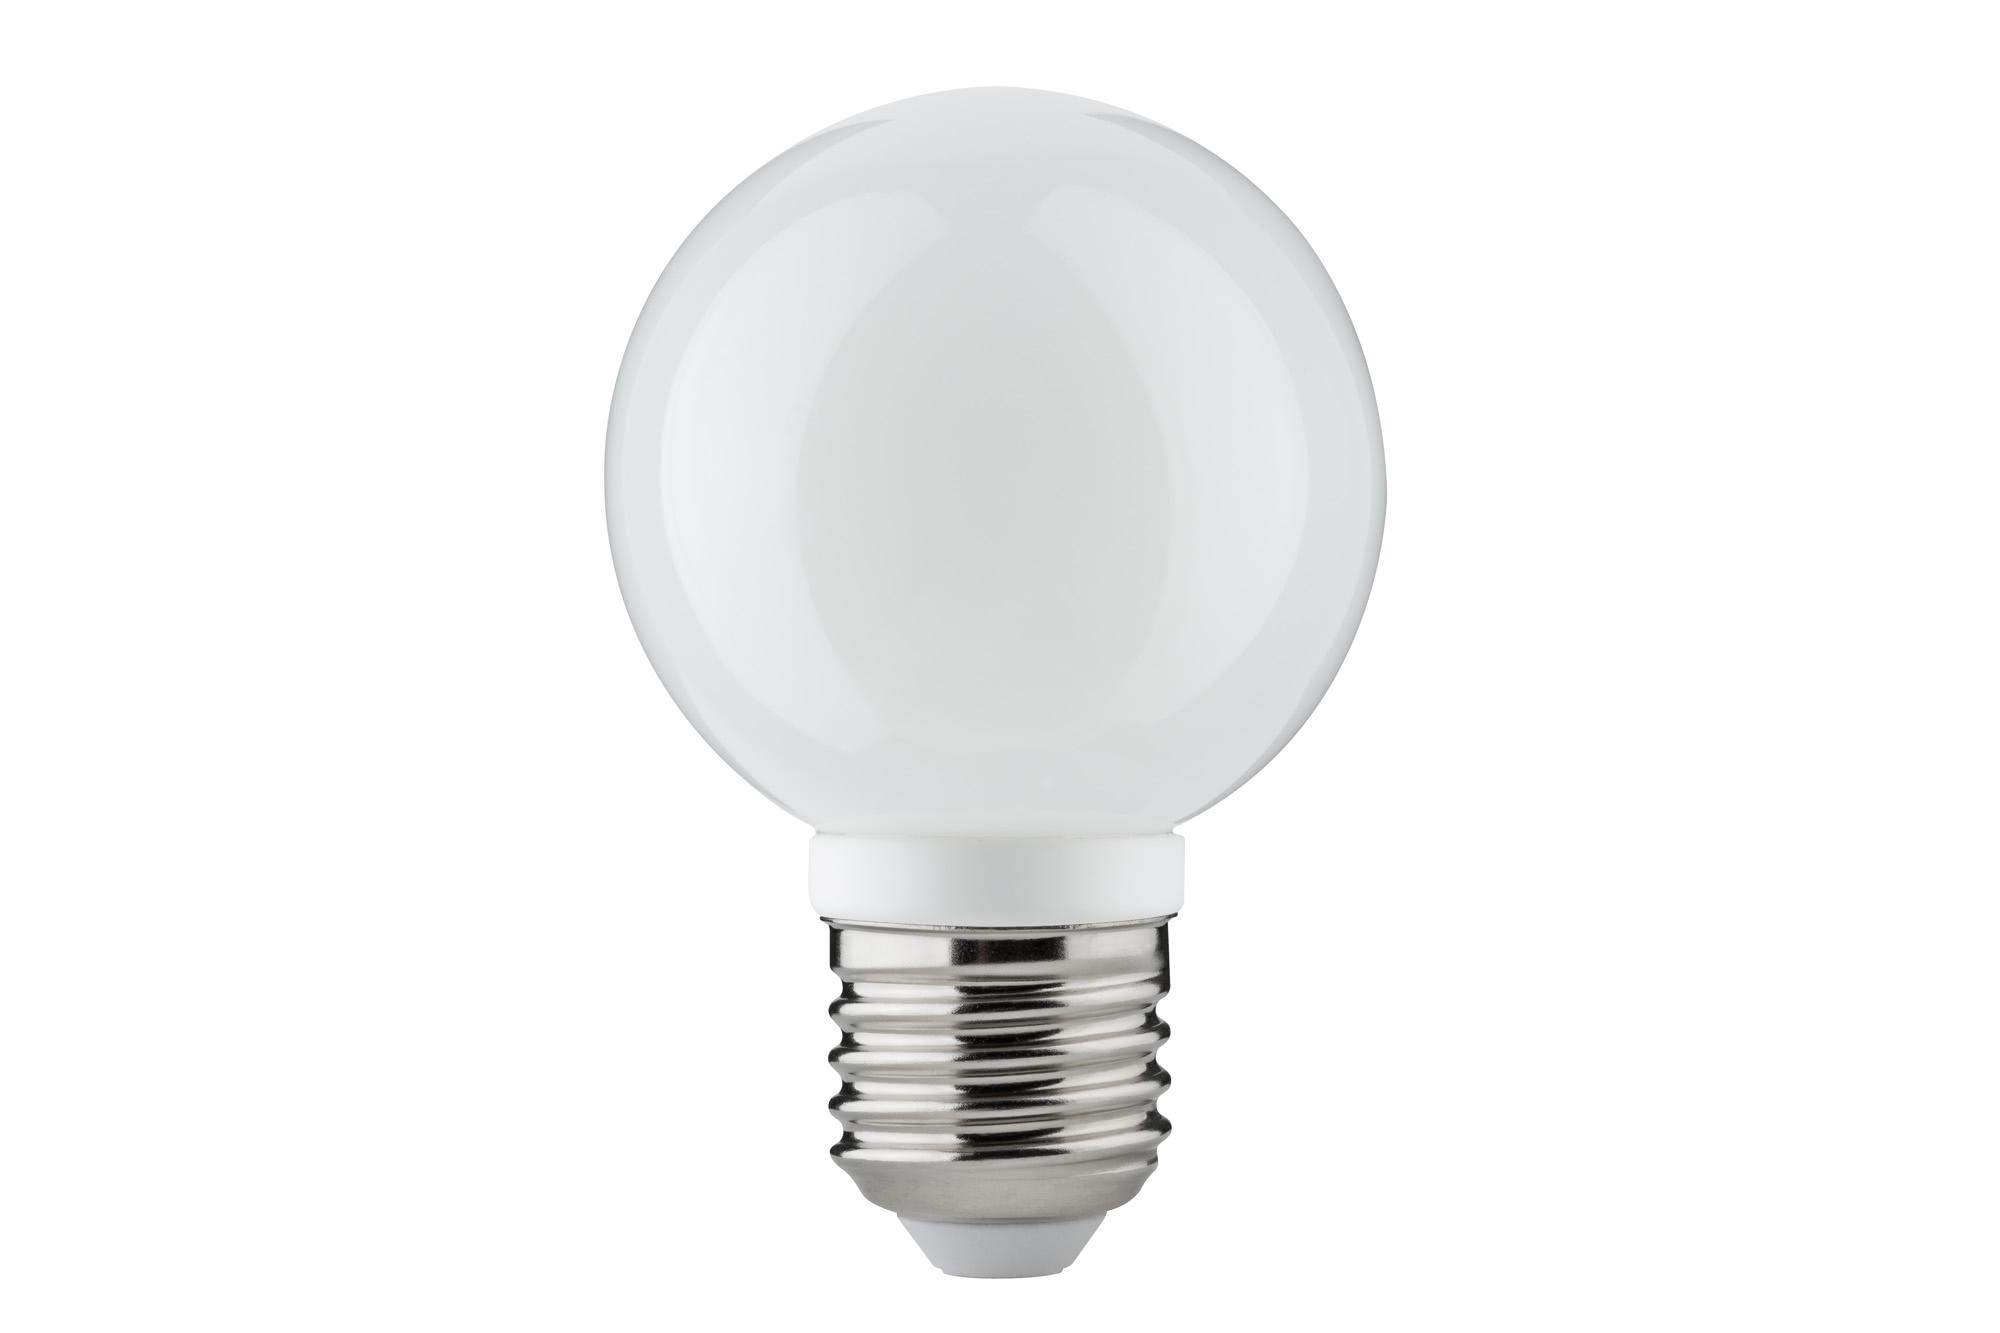 Paulmann. 28313 LED Globe 60 4W E27 Opal 2700K